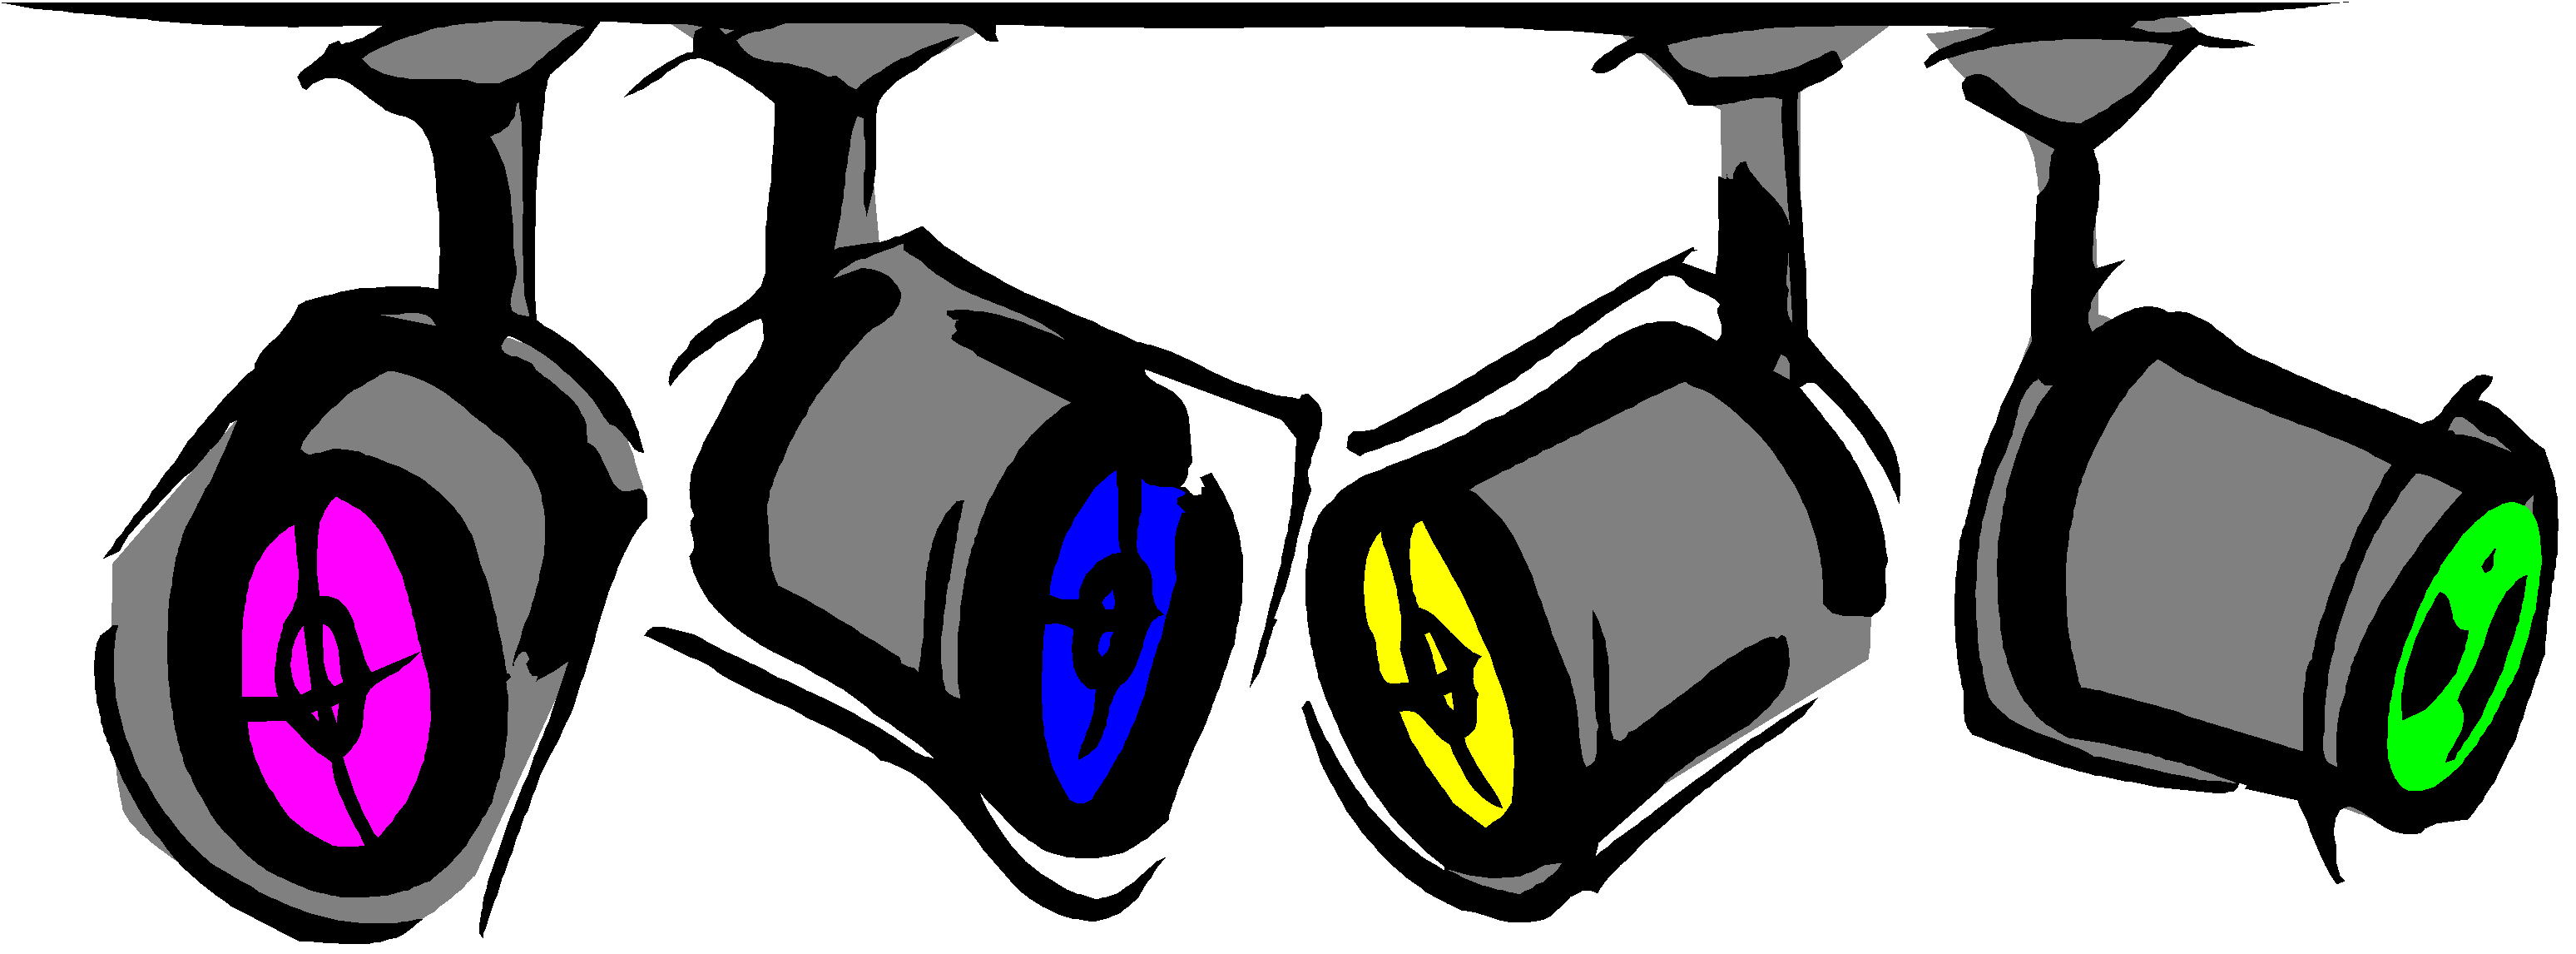 Spotlight - ClipArt Best - ClipArt Best